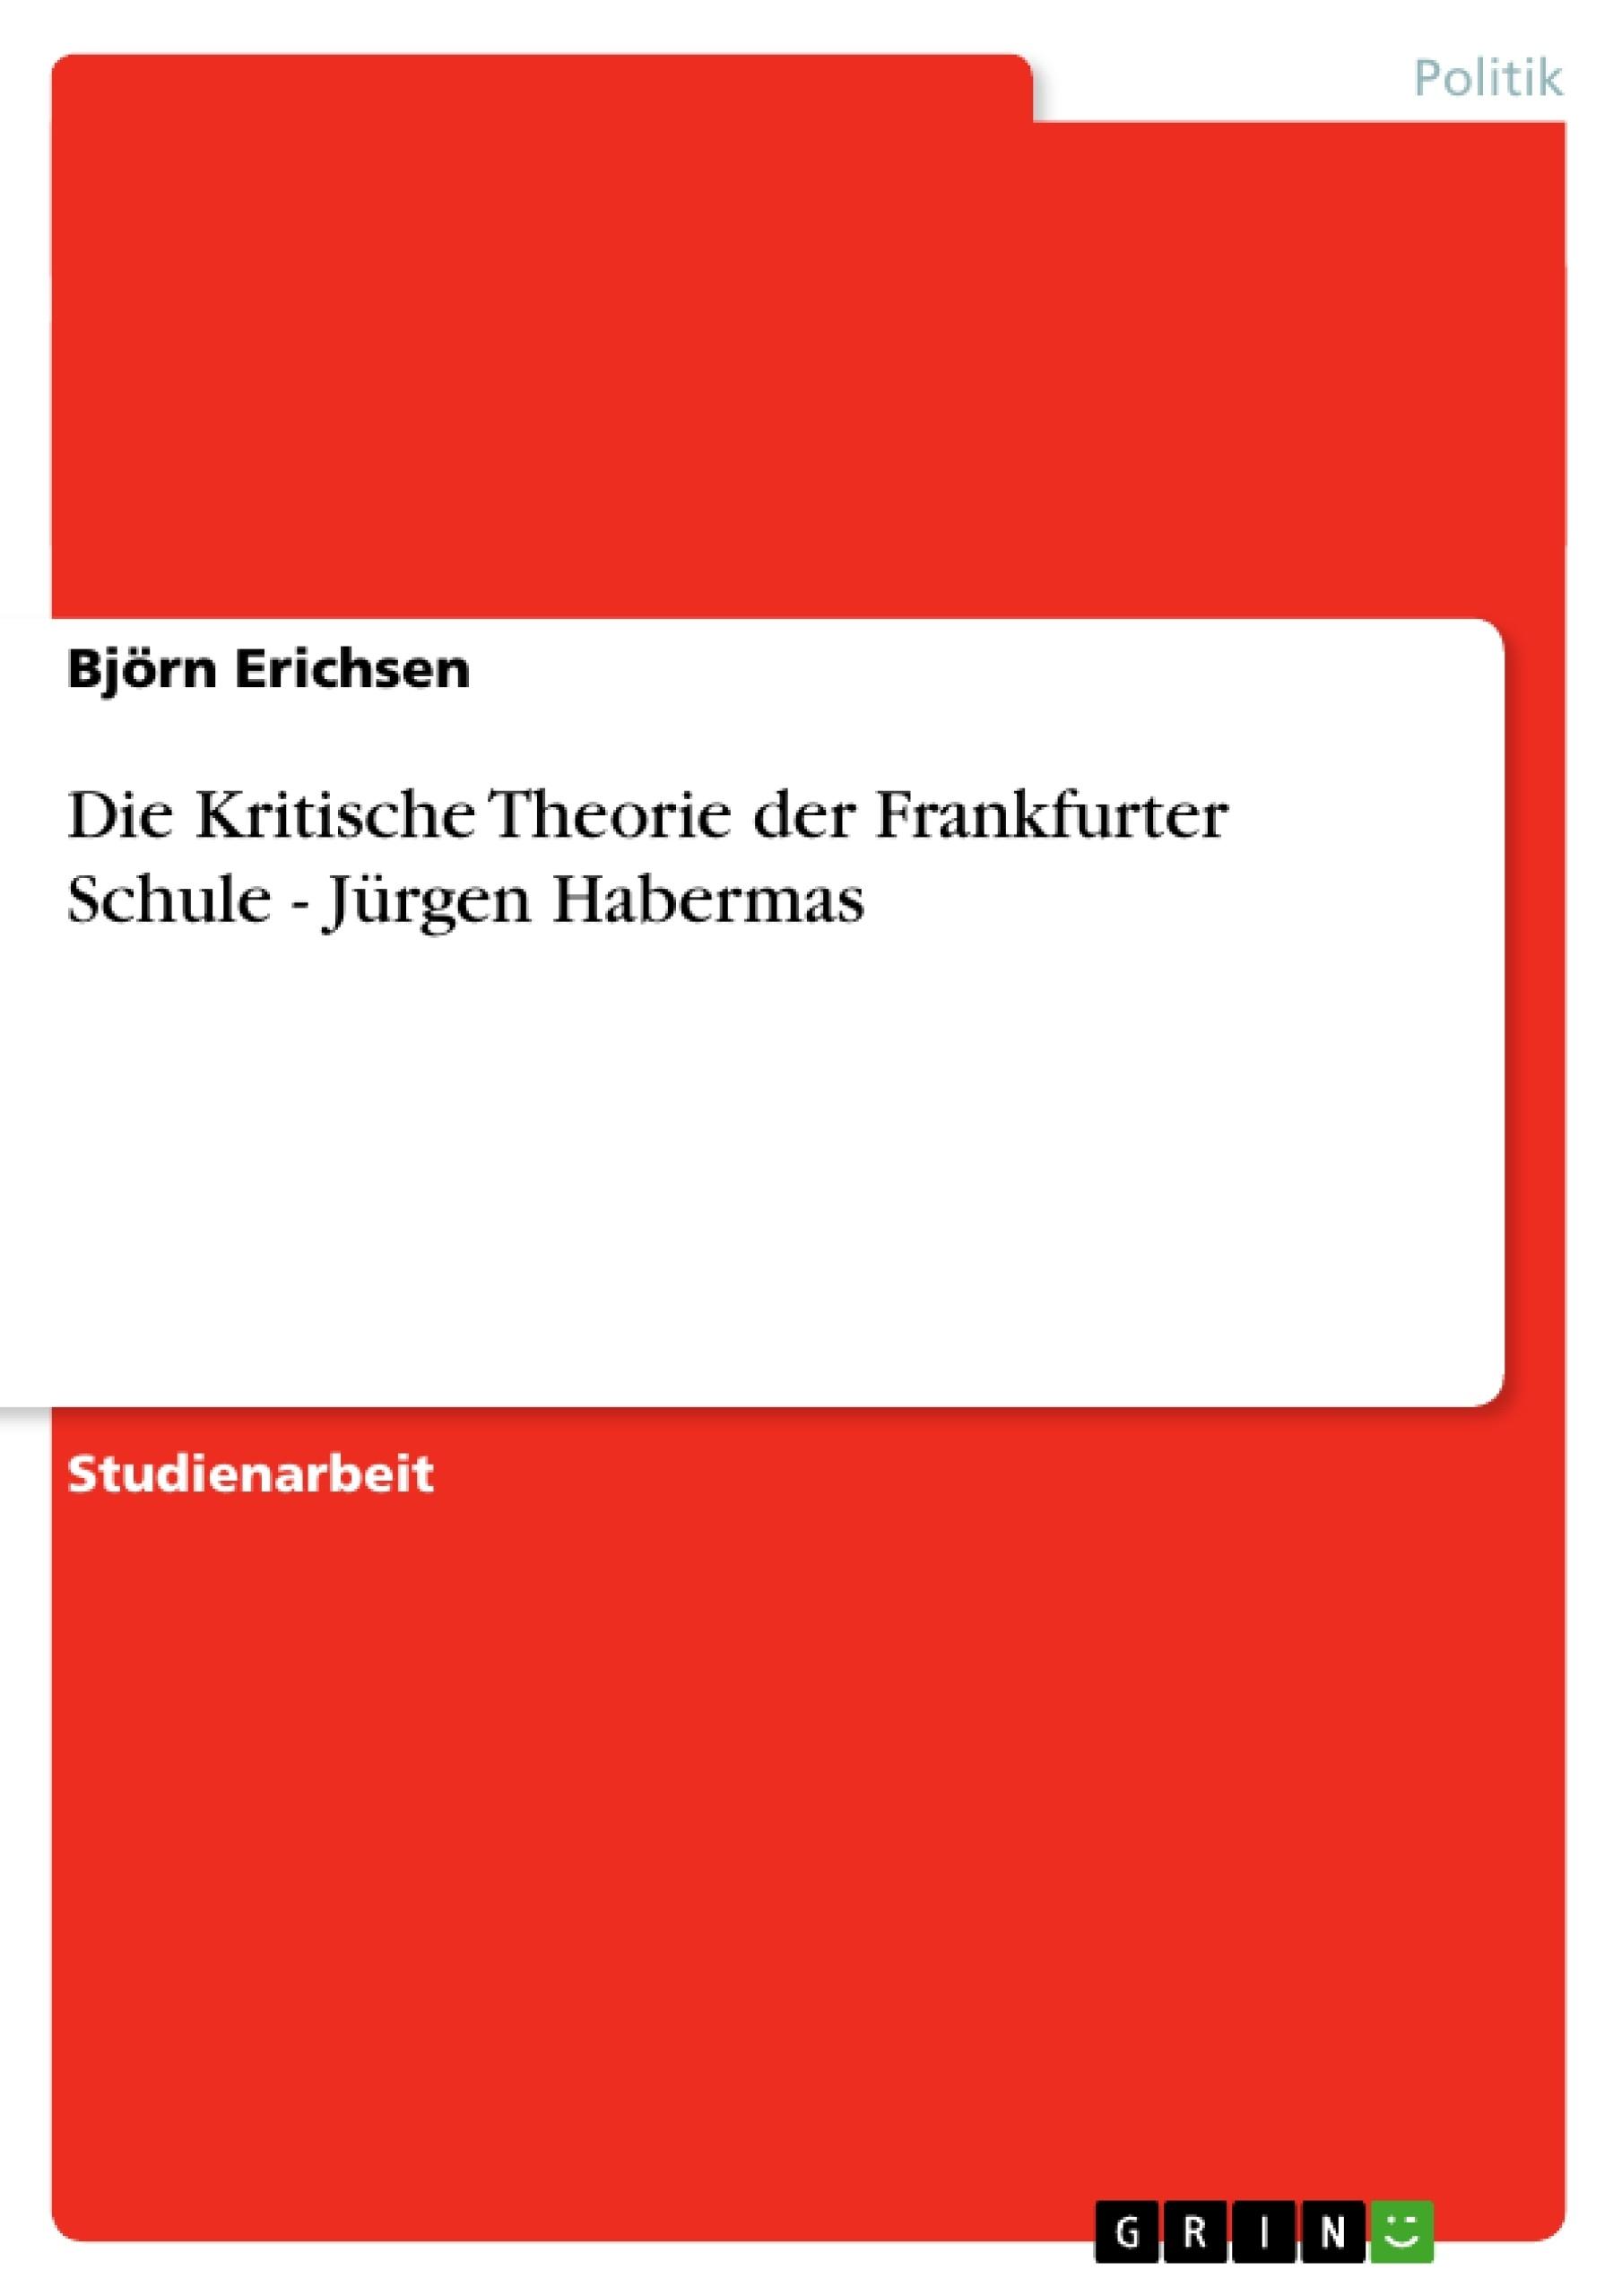 Titel: Die Kritische Theorie der Frankfurter Schule - Jürgen Habermas